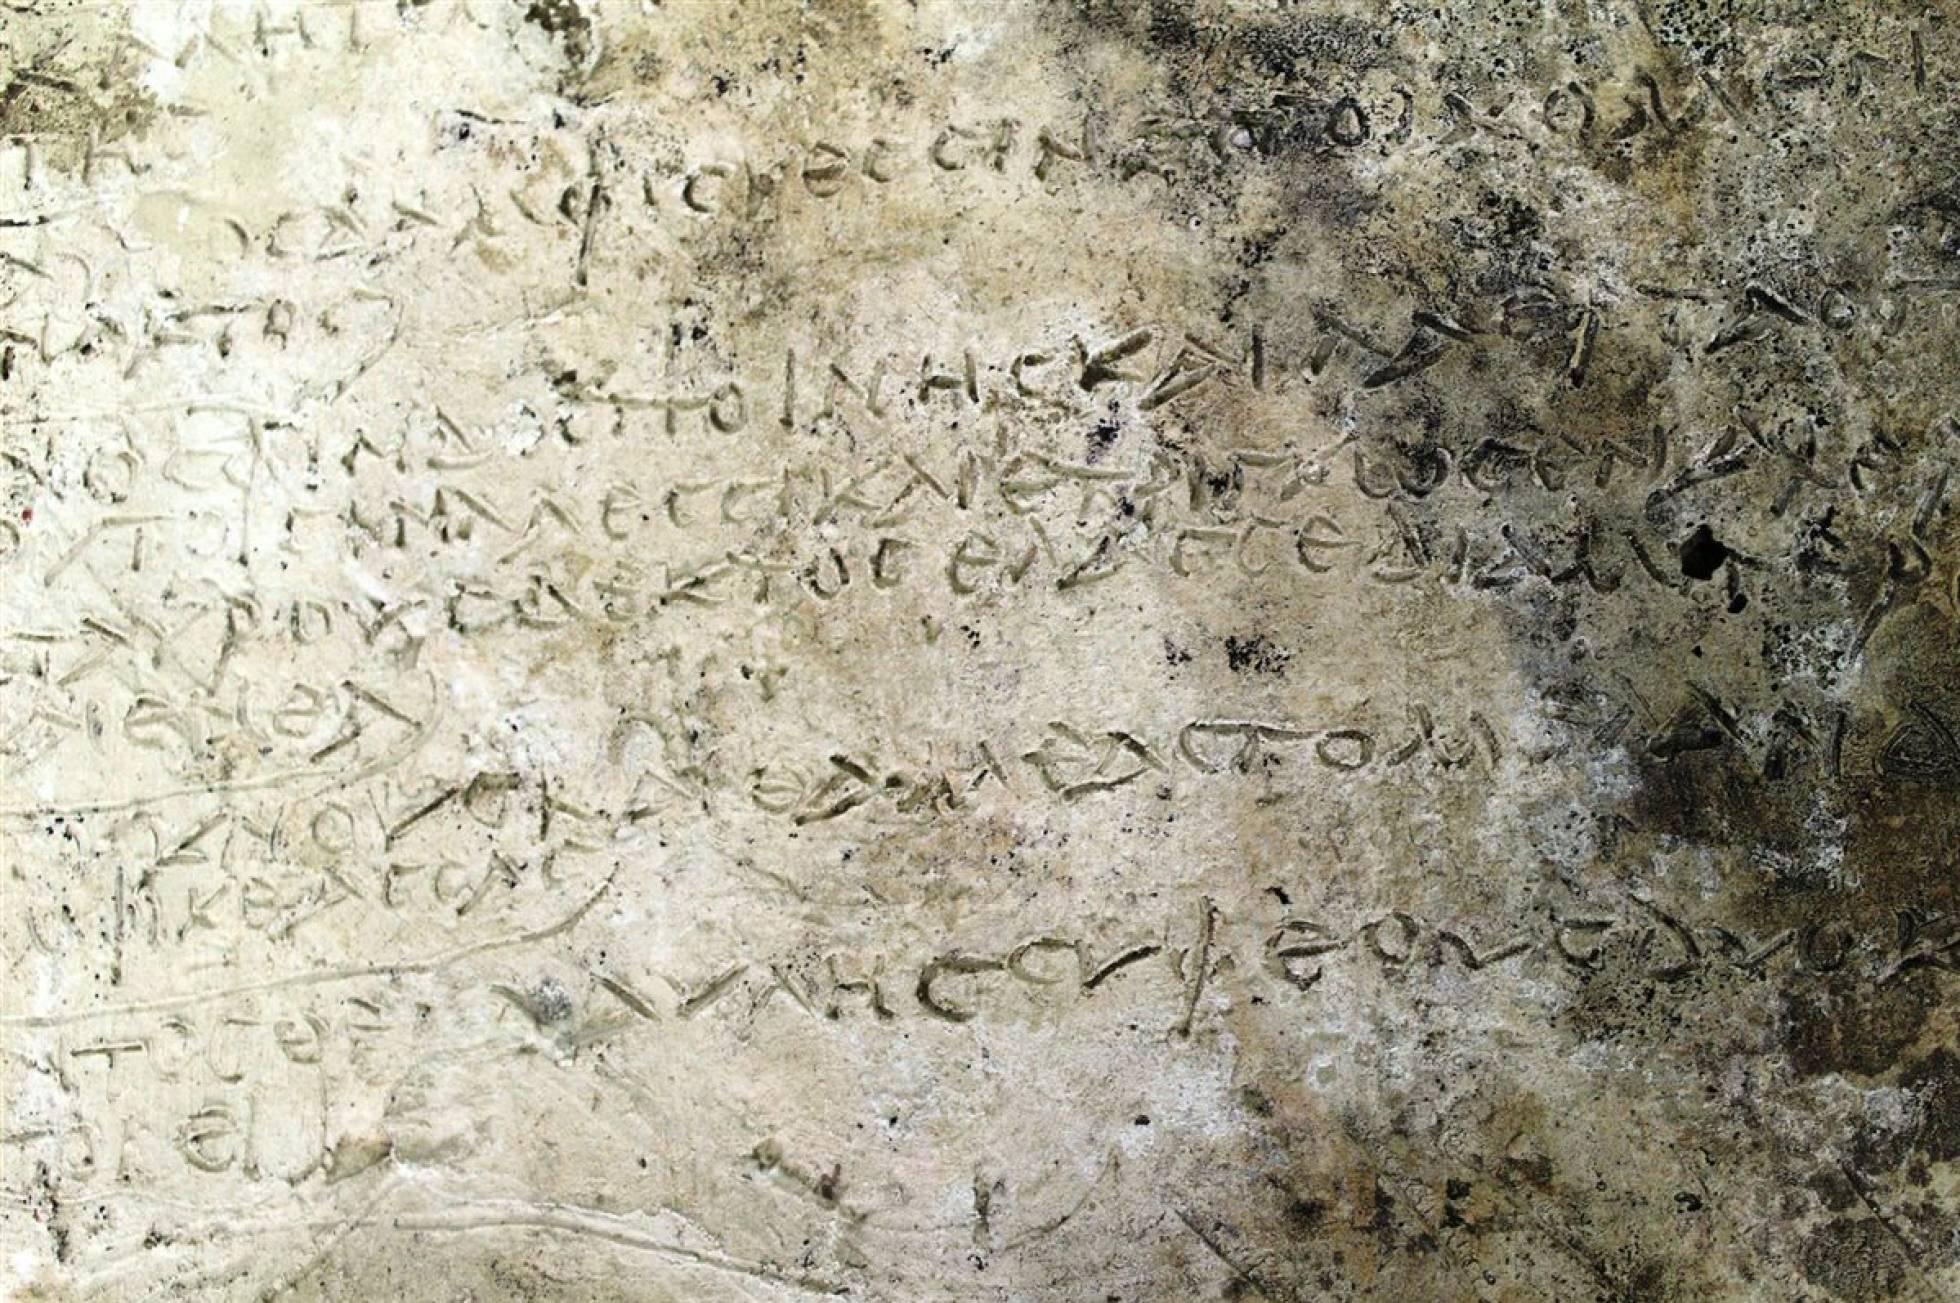 Hallado en Grecia el extracto más antiguo conocido de 'La Odisea' (elpais.com)